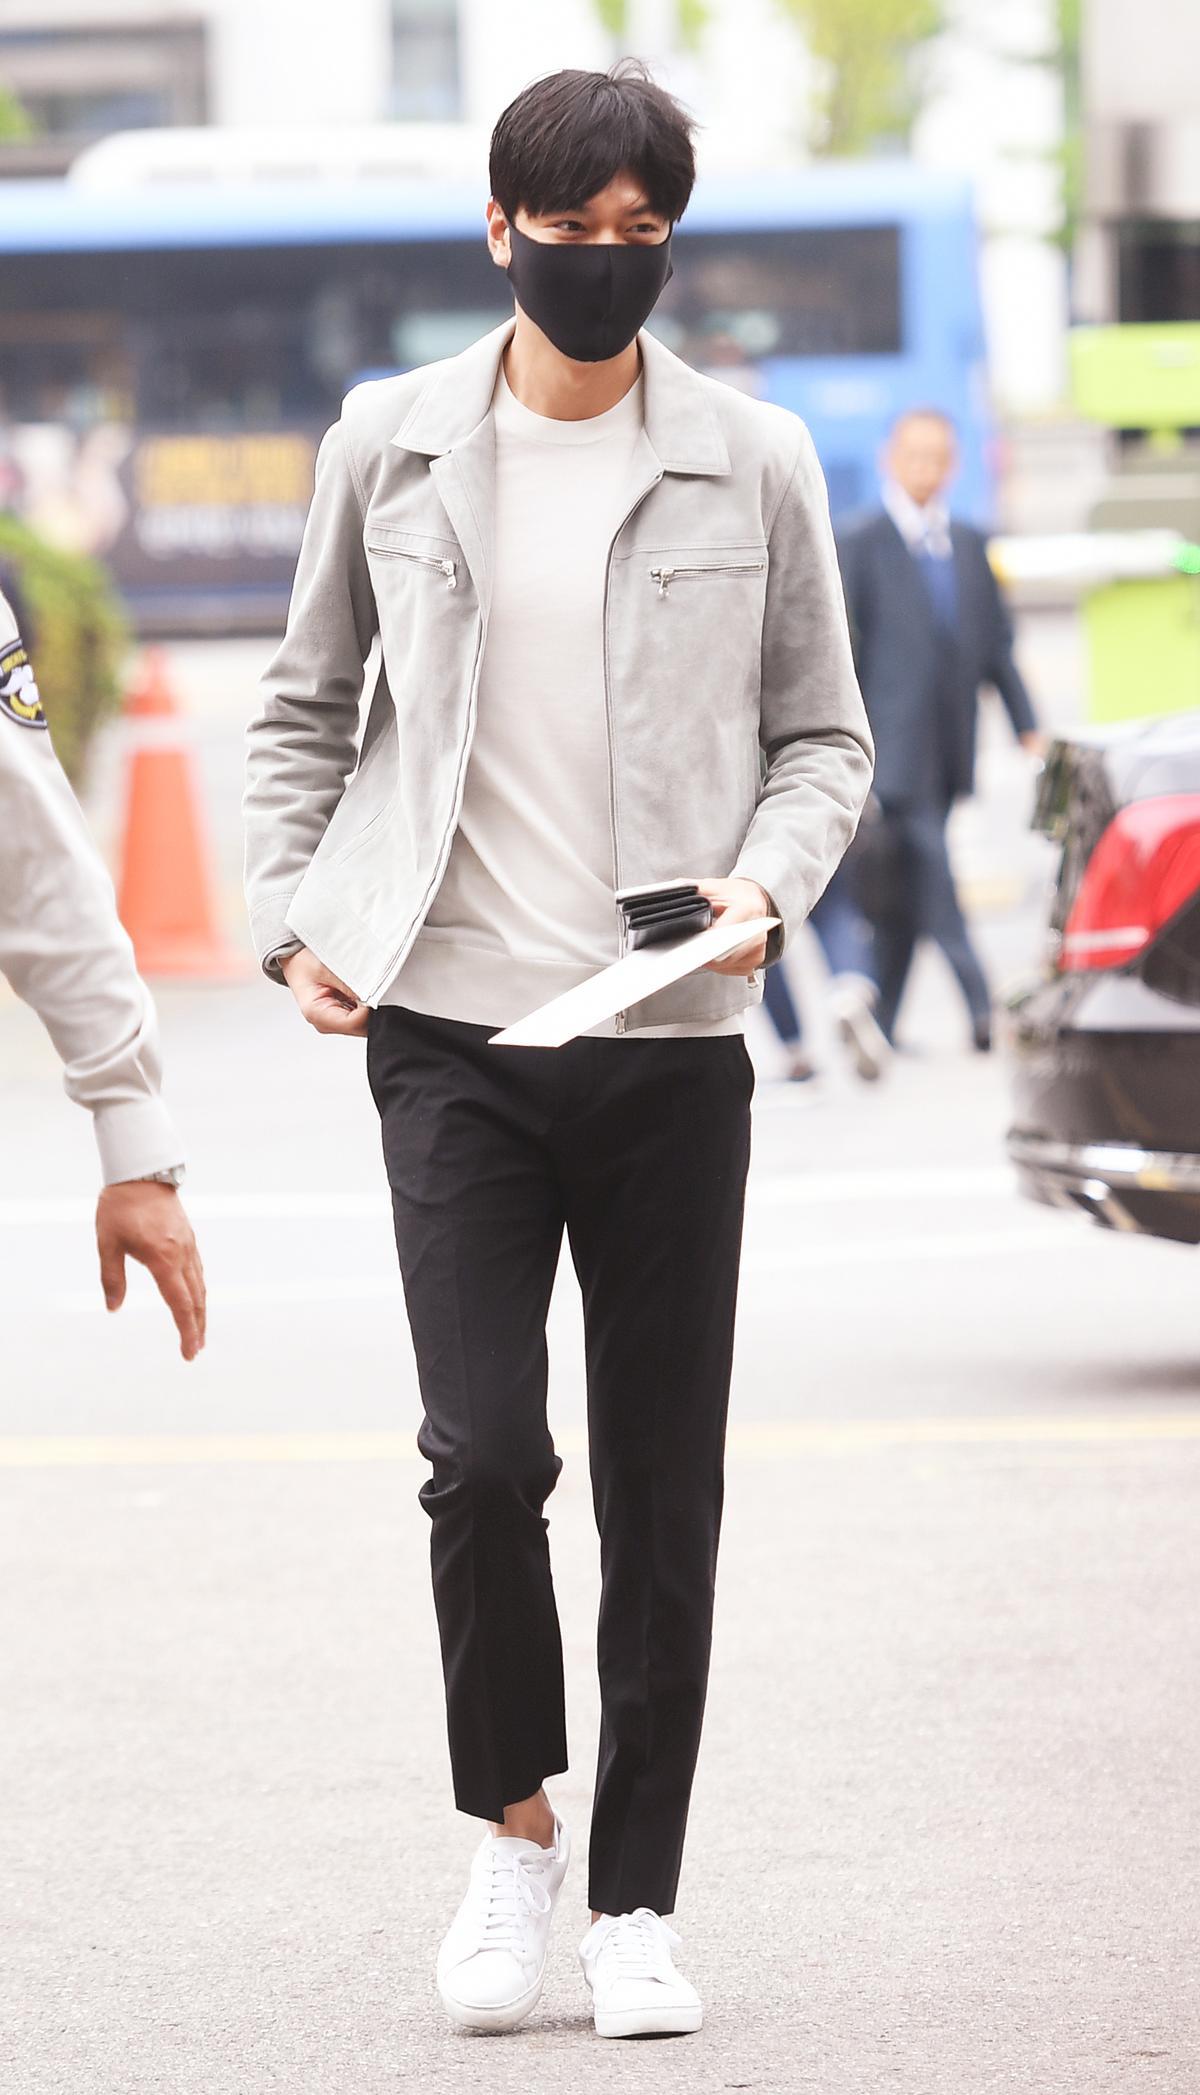 李敏鎬身穿輕便夾克,黑白上衣長褲,雖然戴著黑色口罩仍不減他帥氣風采。(東方IC)